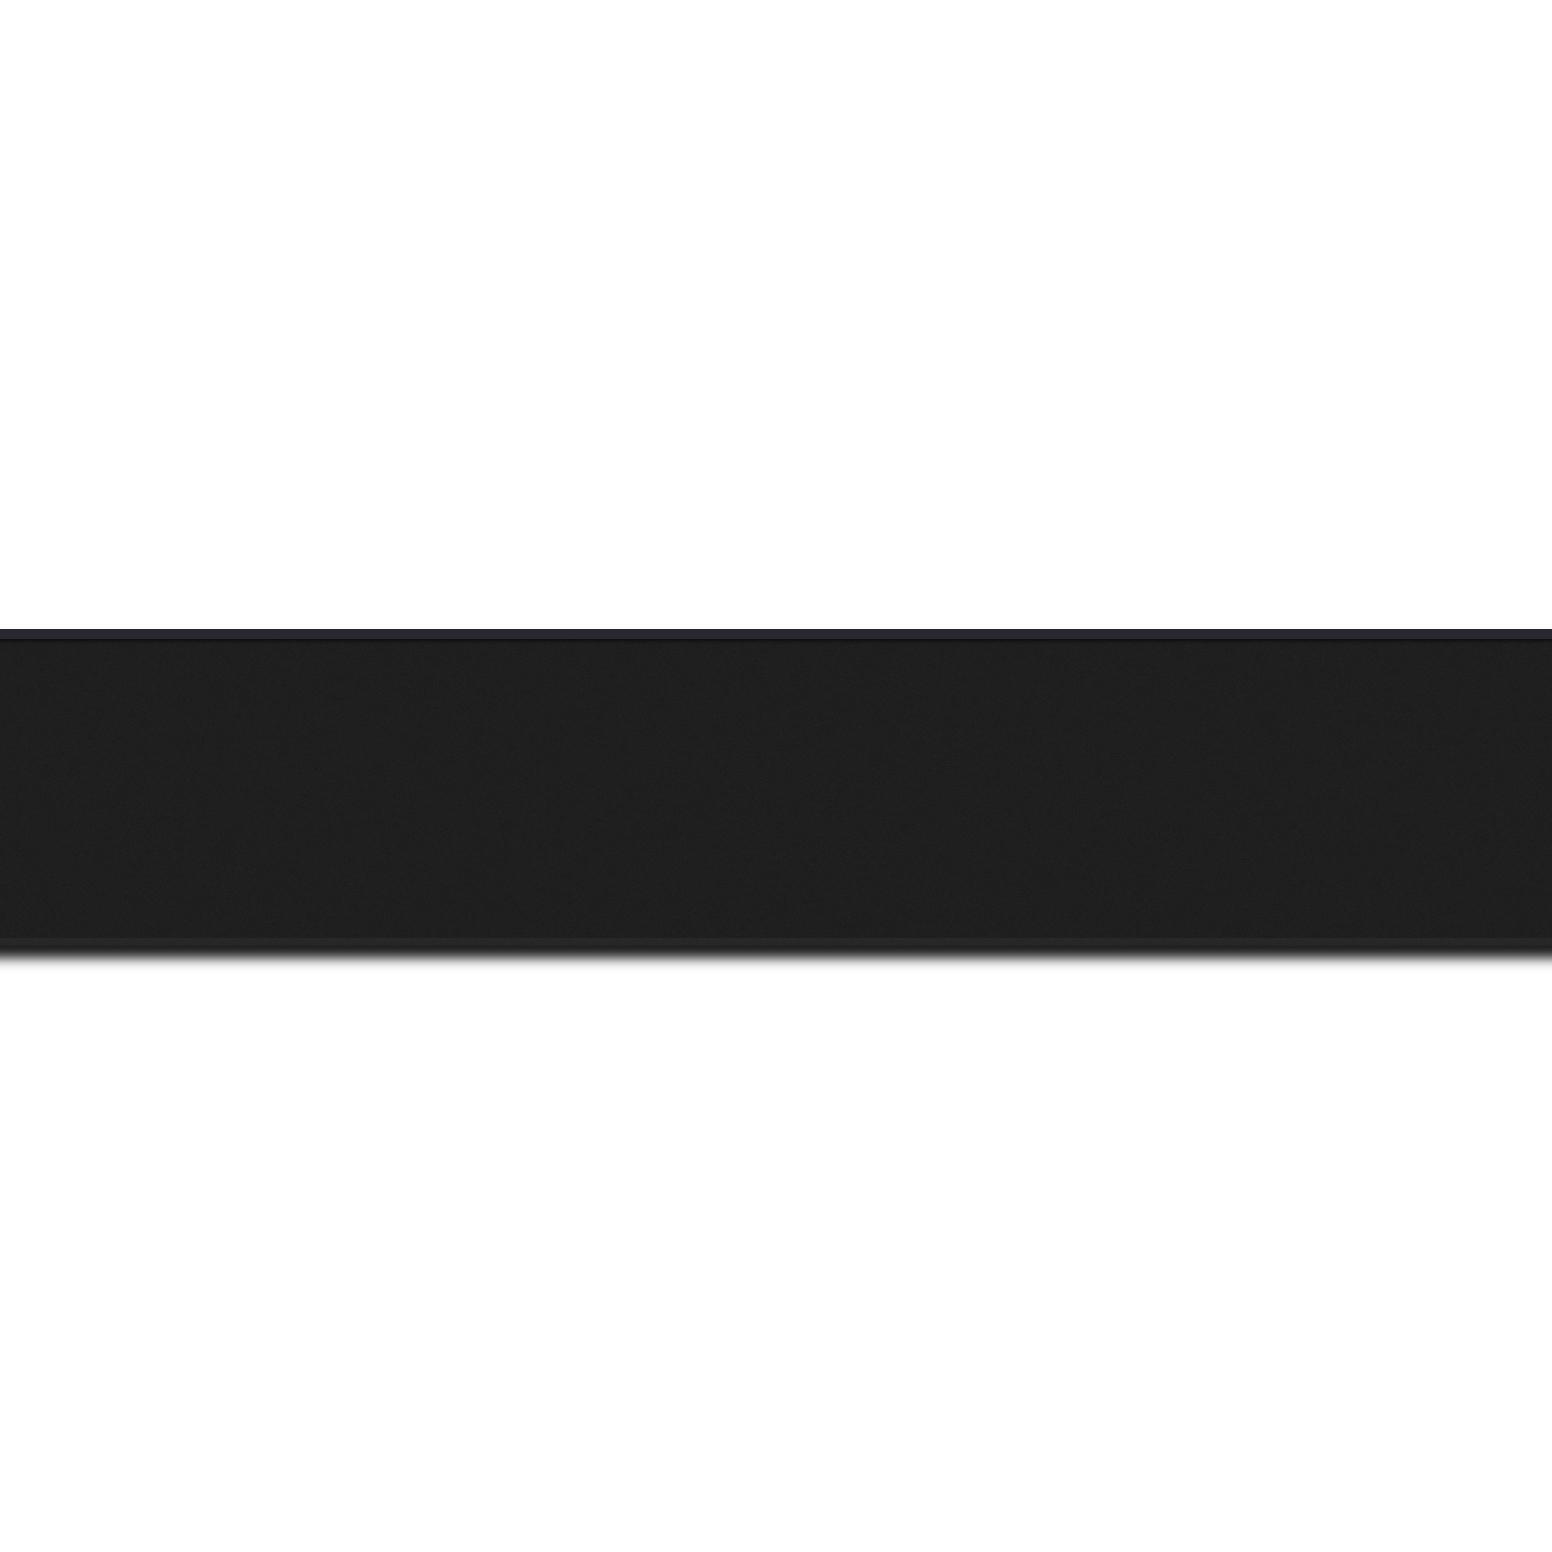 Pack par 12m, bois profil plat largeur 2.5cm hauteur 4.8cm couleur noir mat finition pore bouché (hauteur feuillure 4.3cm )(longueur baguette pouvant varier entre 2.40m et 3m selon arrivage des bois)